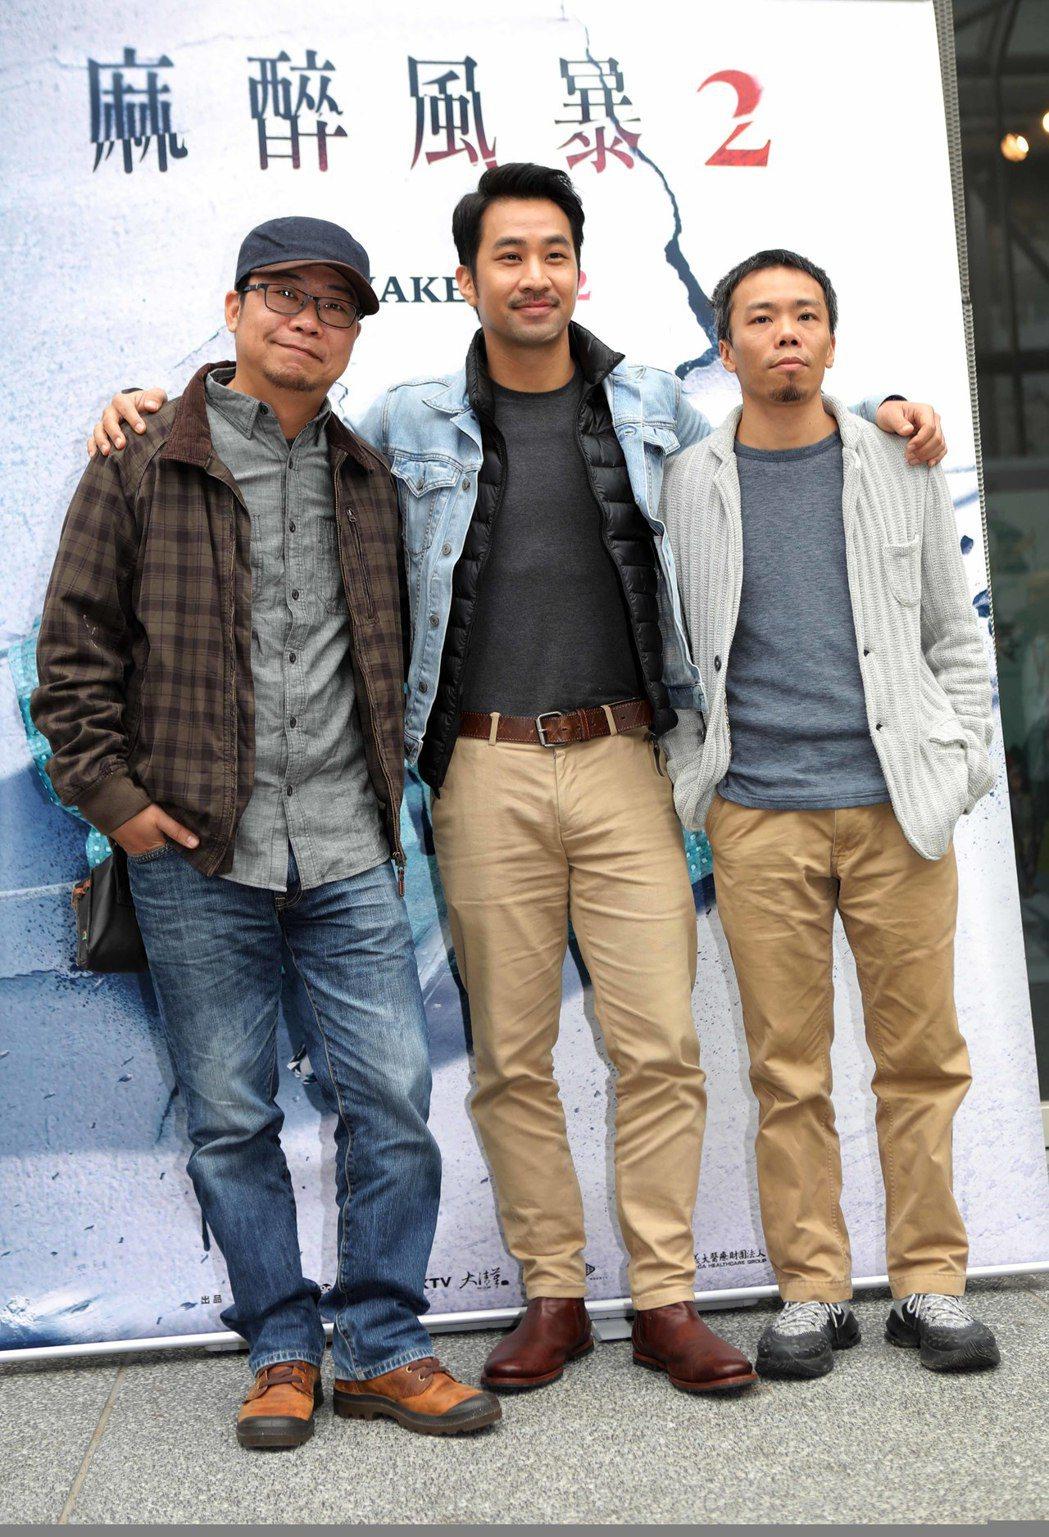 「麻醉風暴2」導演洪伯豪(左起)、演員黃健瑋、導演蕭力修,分享赴約旦拍攝經驗。圖